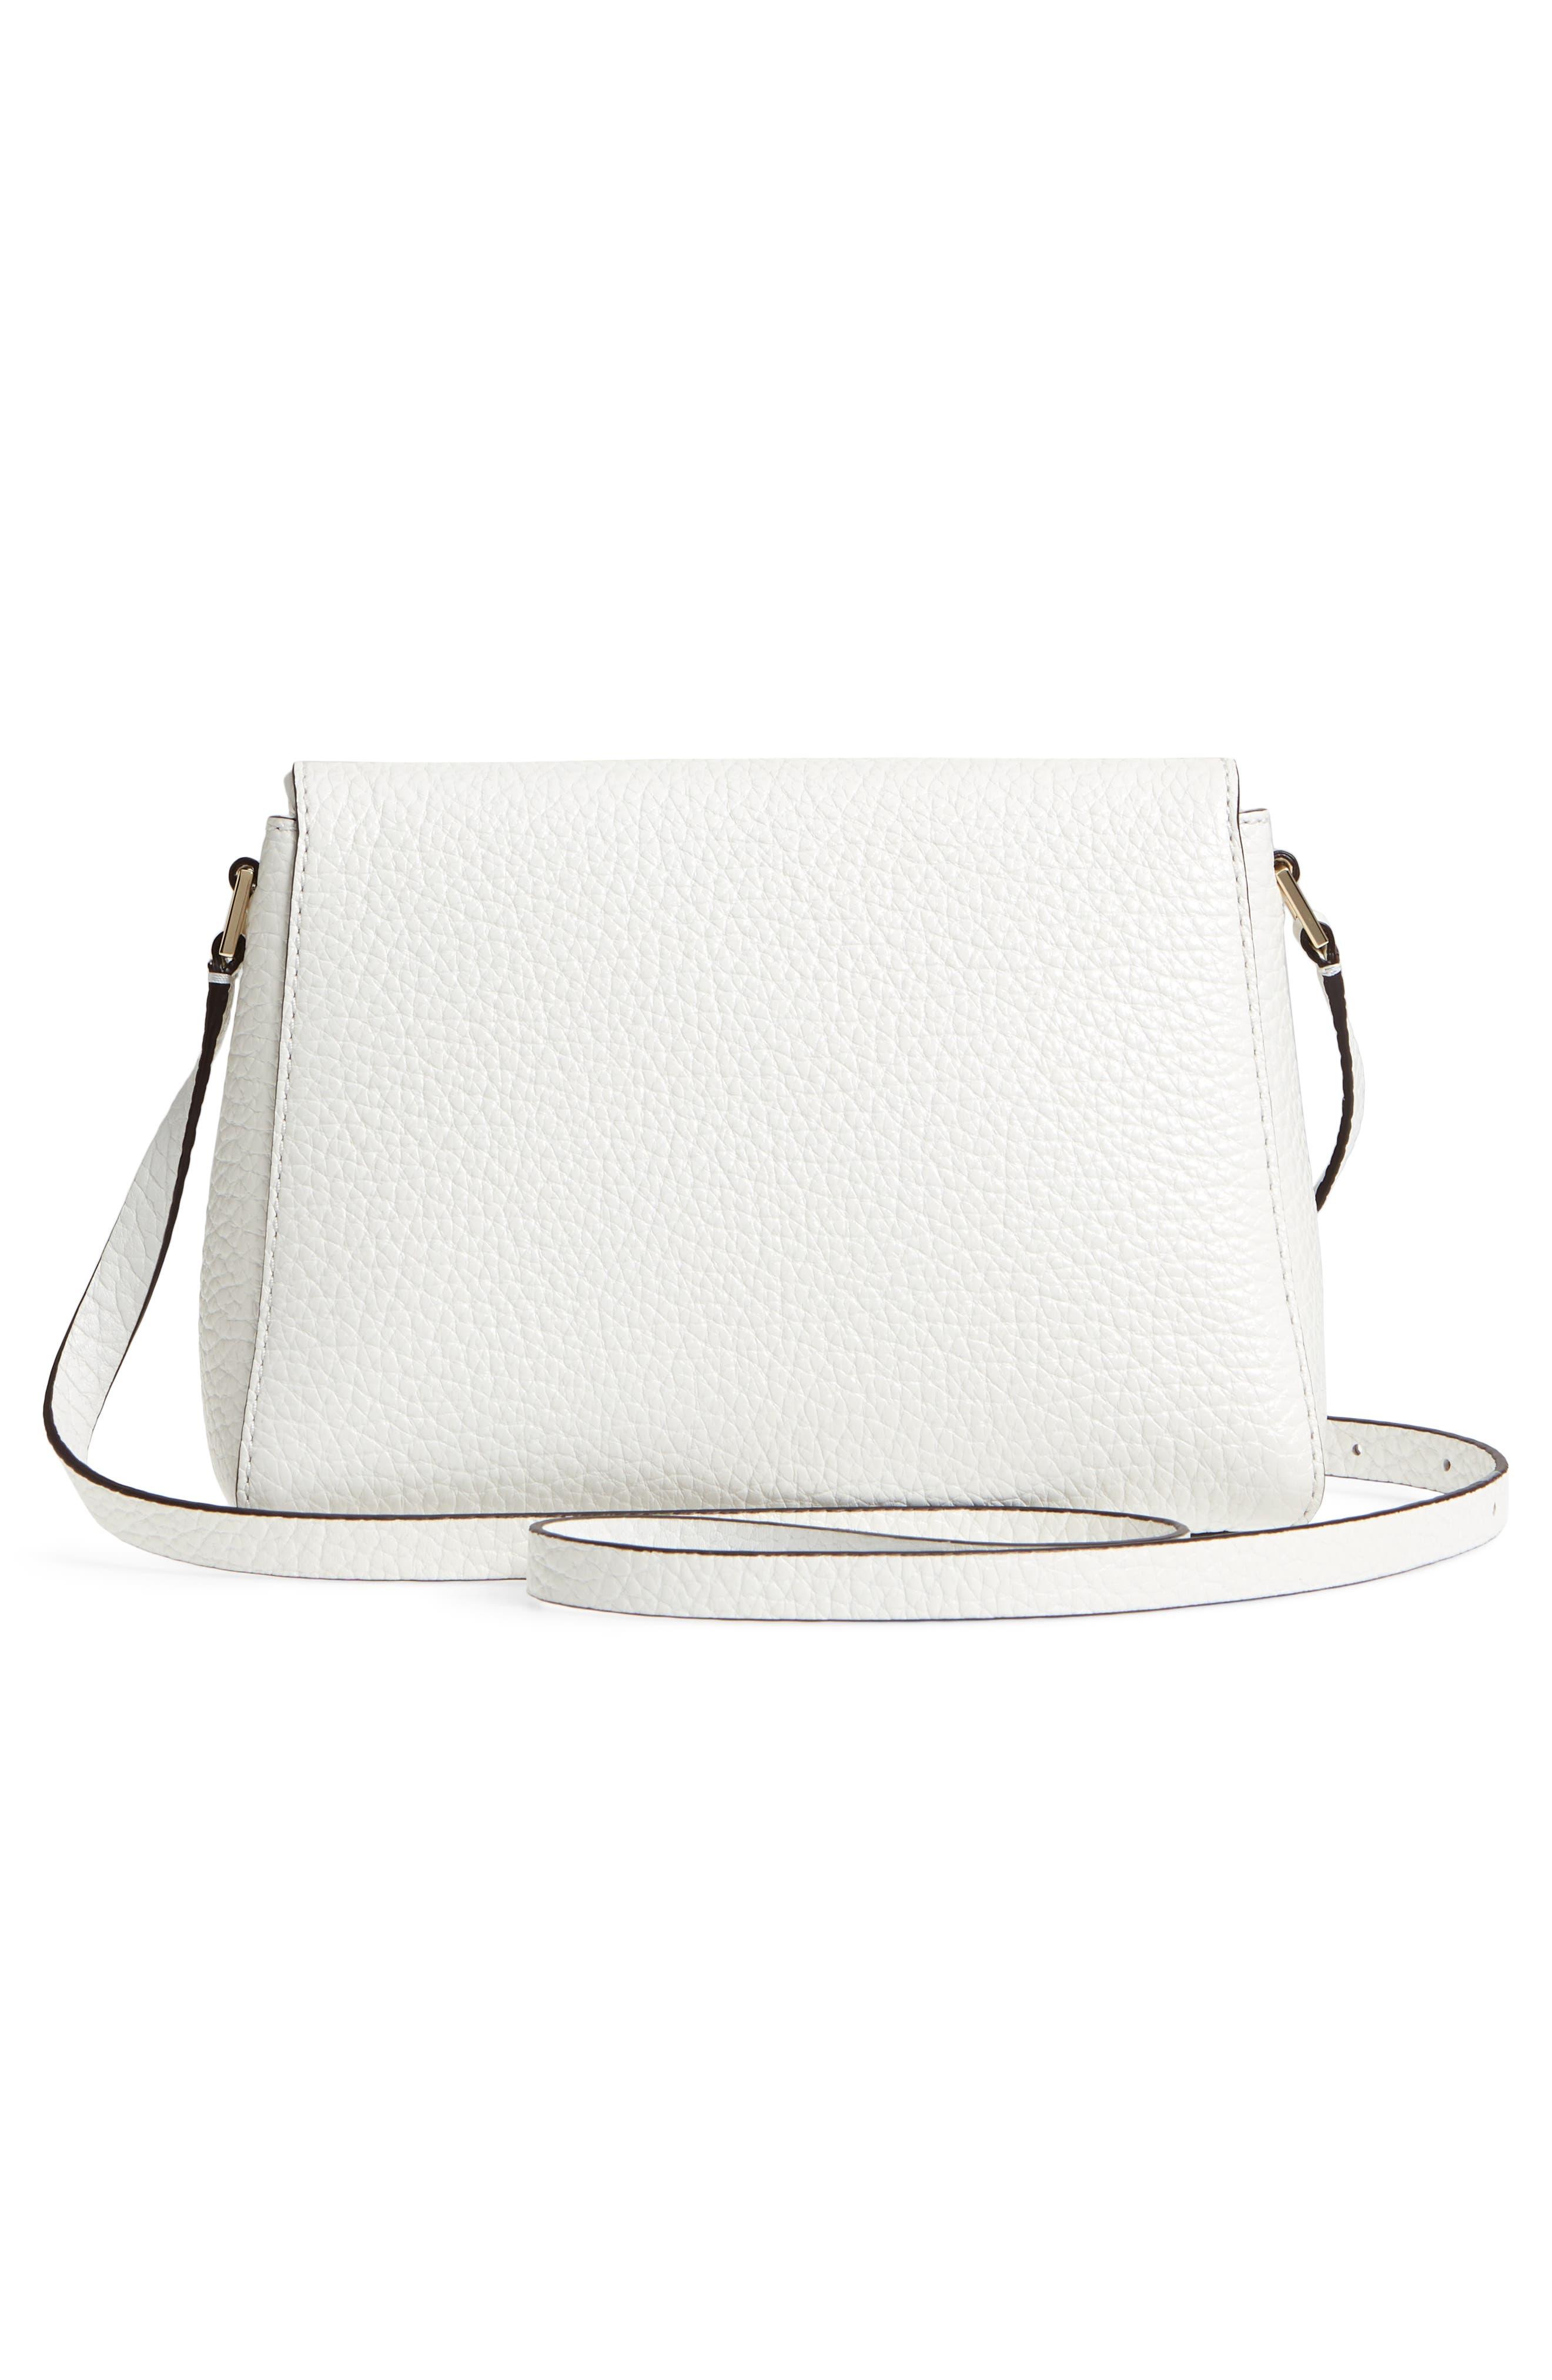 carter street - berrin leather crossbody bag,                             Alternate thumbnail 3, color,                             100